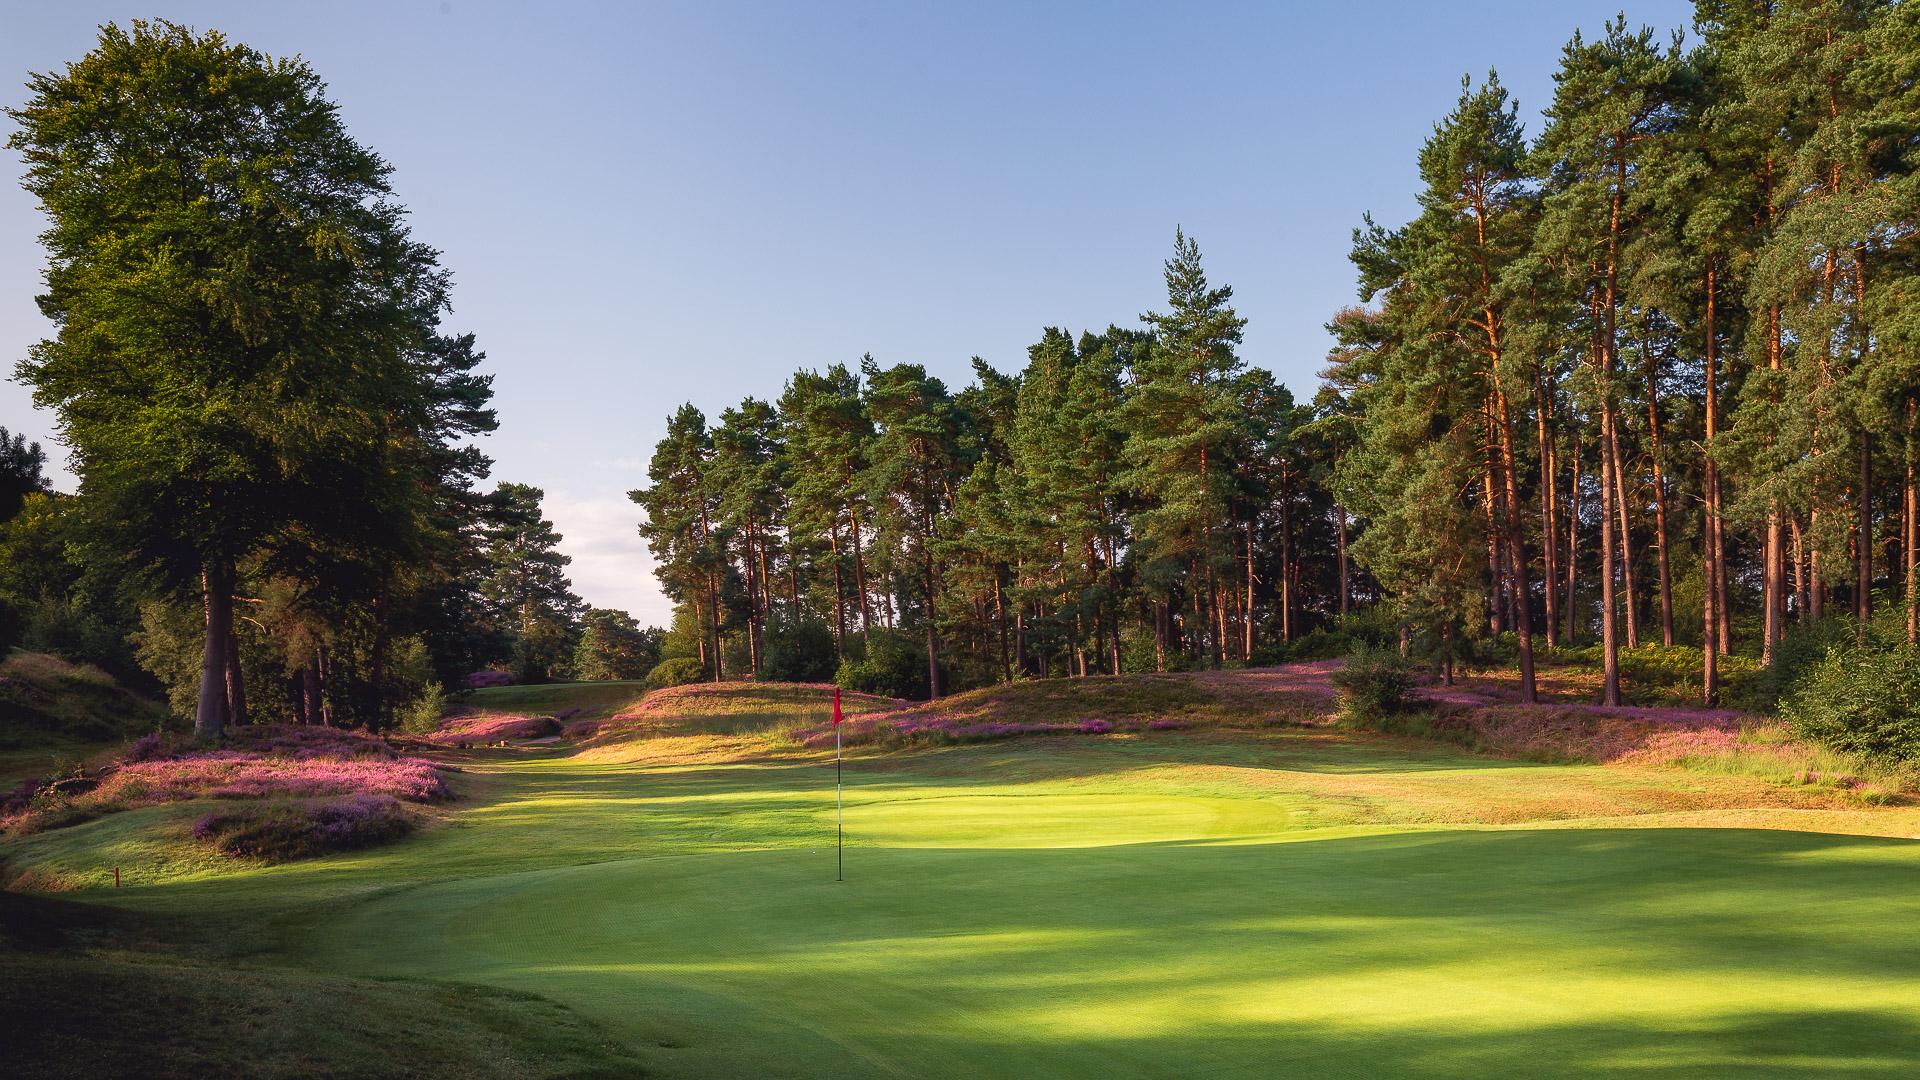 26th-Hole-St-Georges-Hill-Golf-Club-2095-Edit